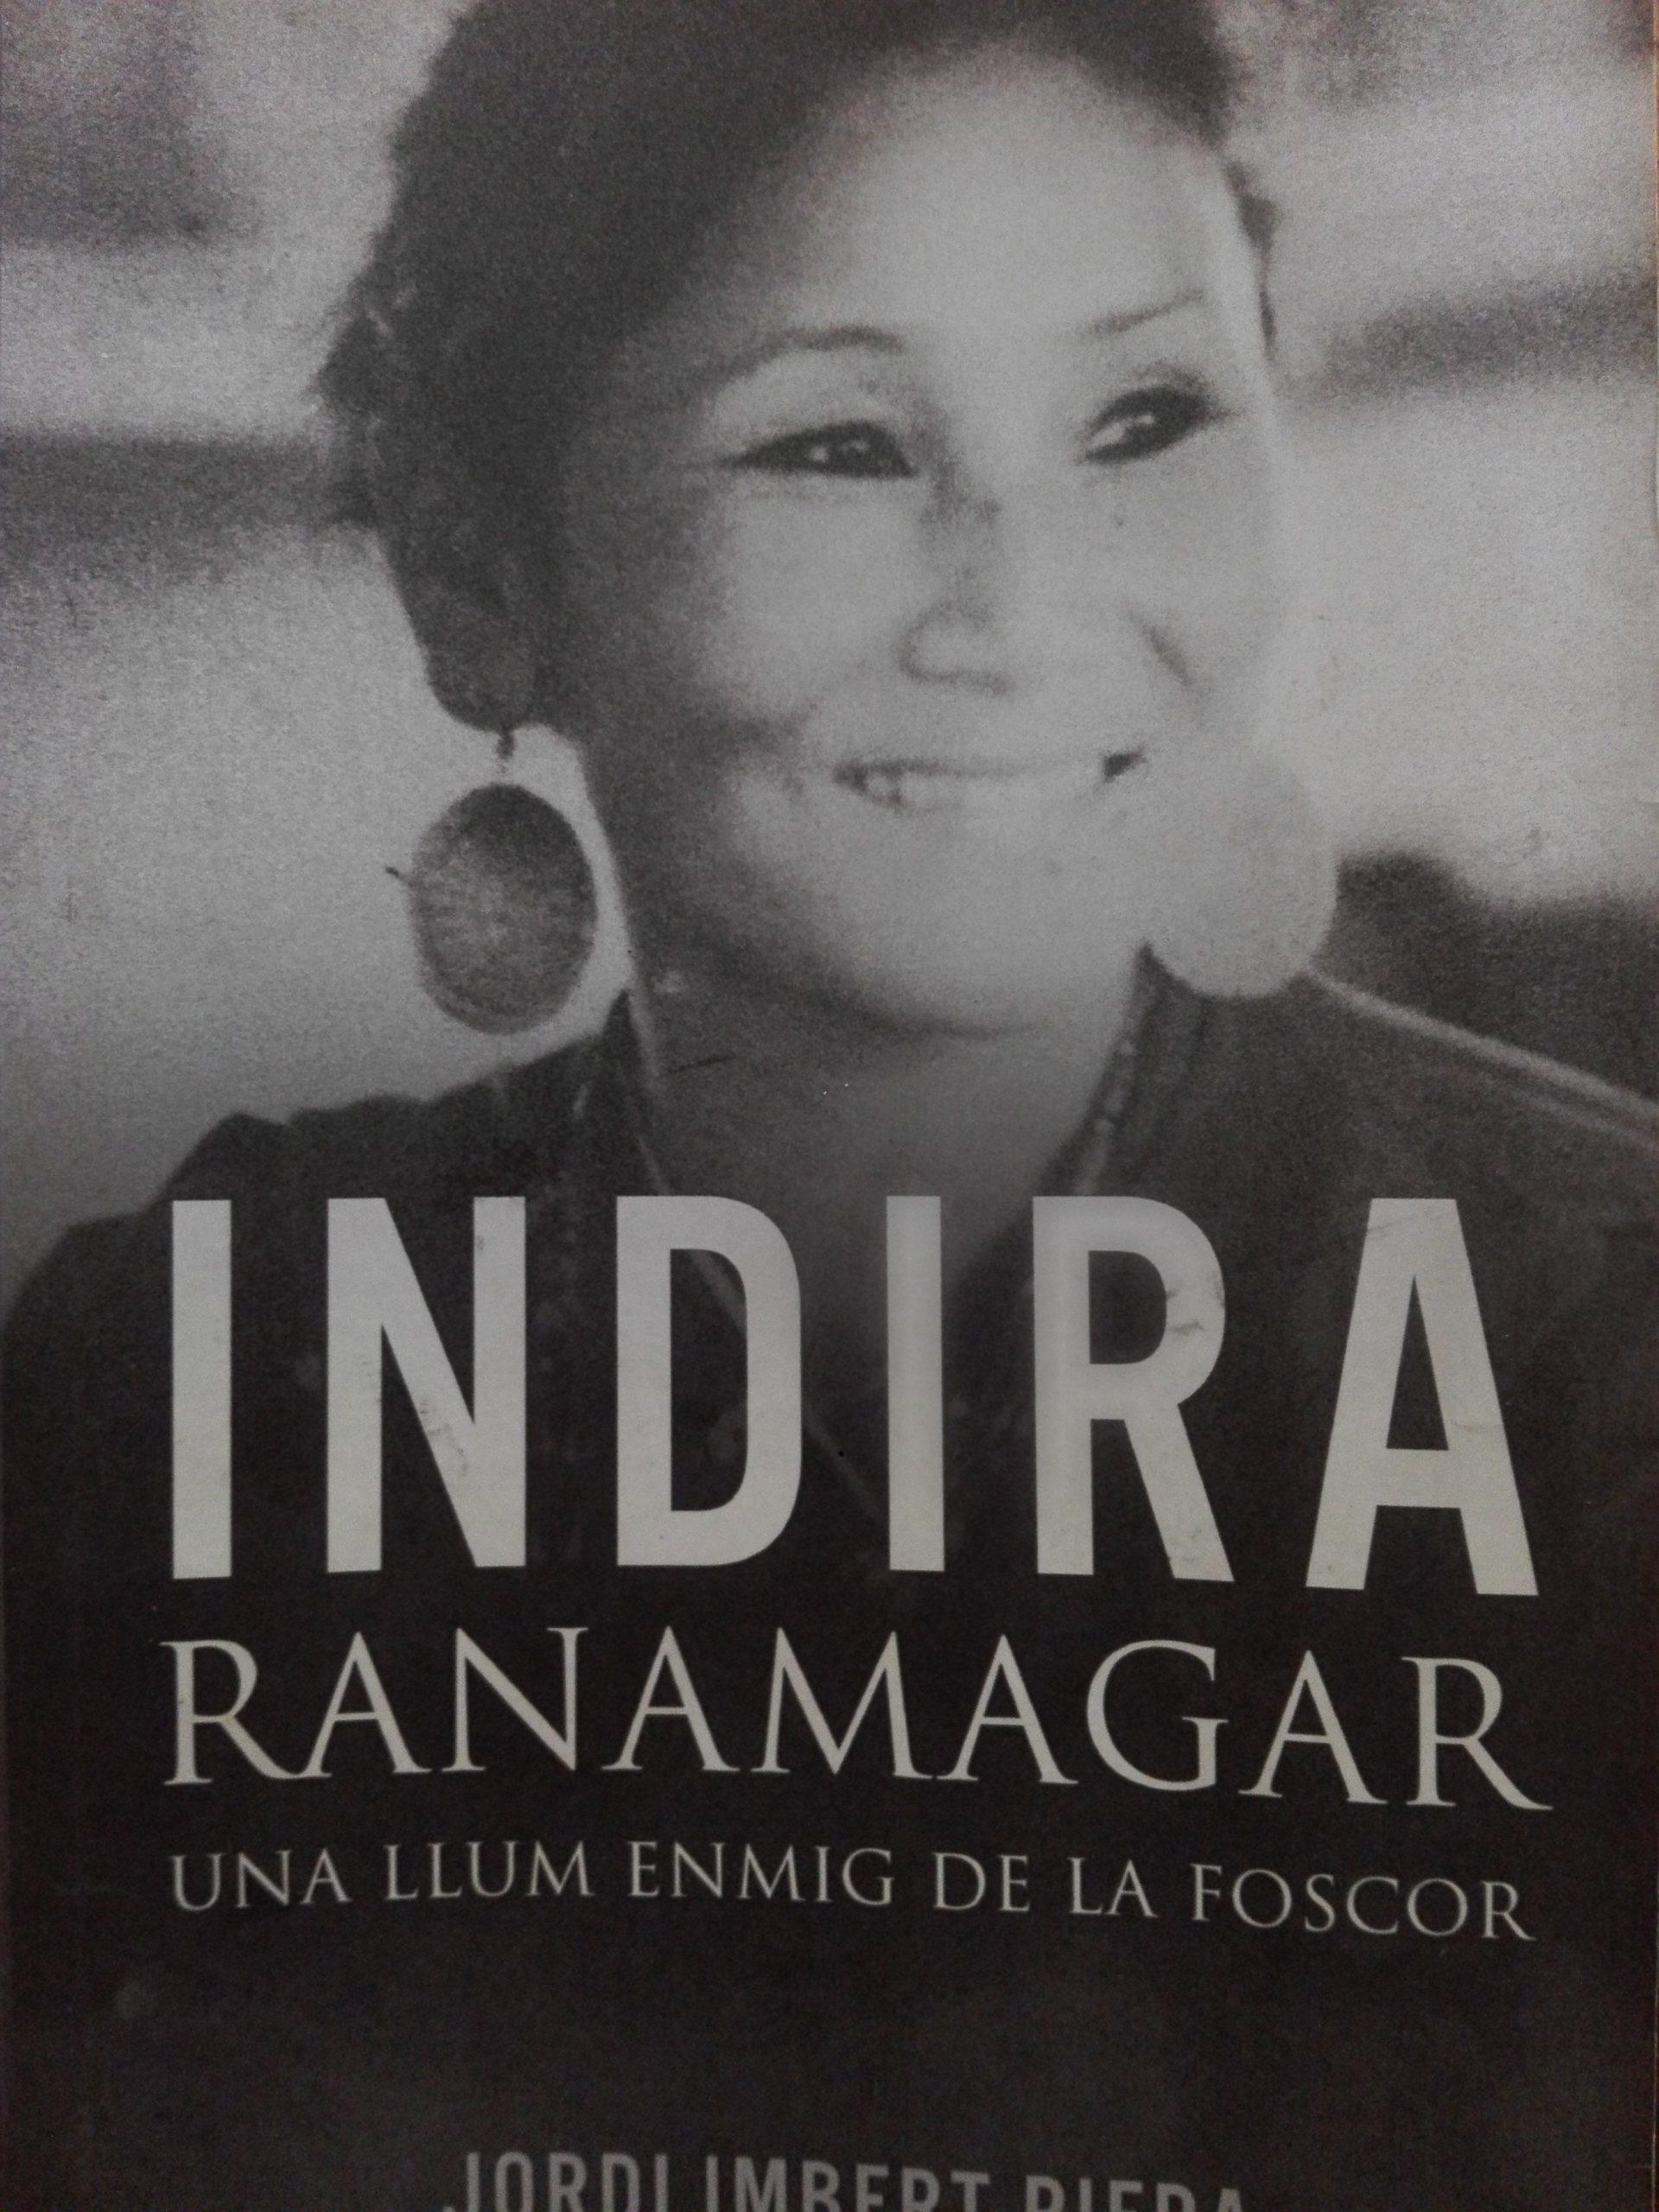 indira-ranamagar-biography-book